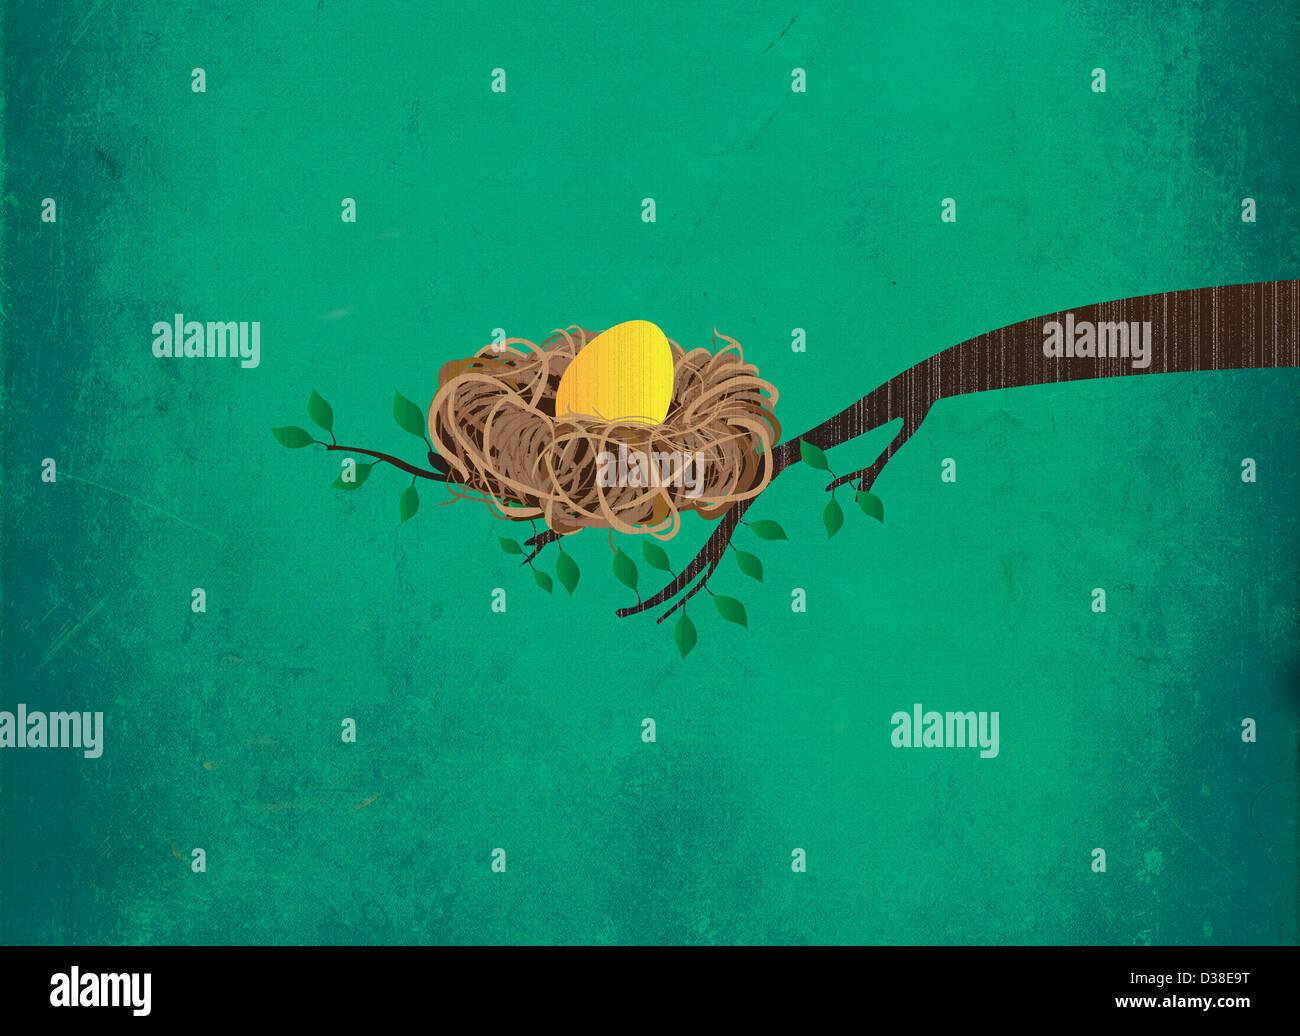 Imagen ilustrativa de huevo de oro en el nido en la rama que representa la inversión Imagen De Stock